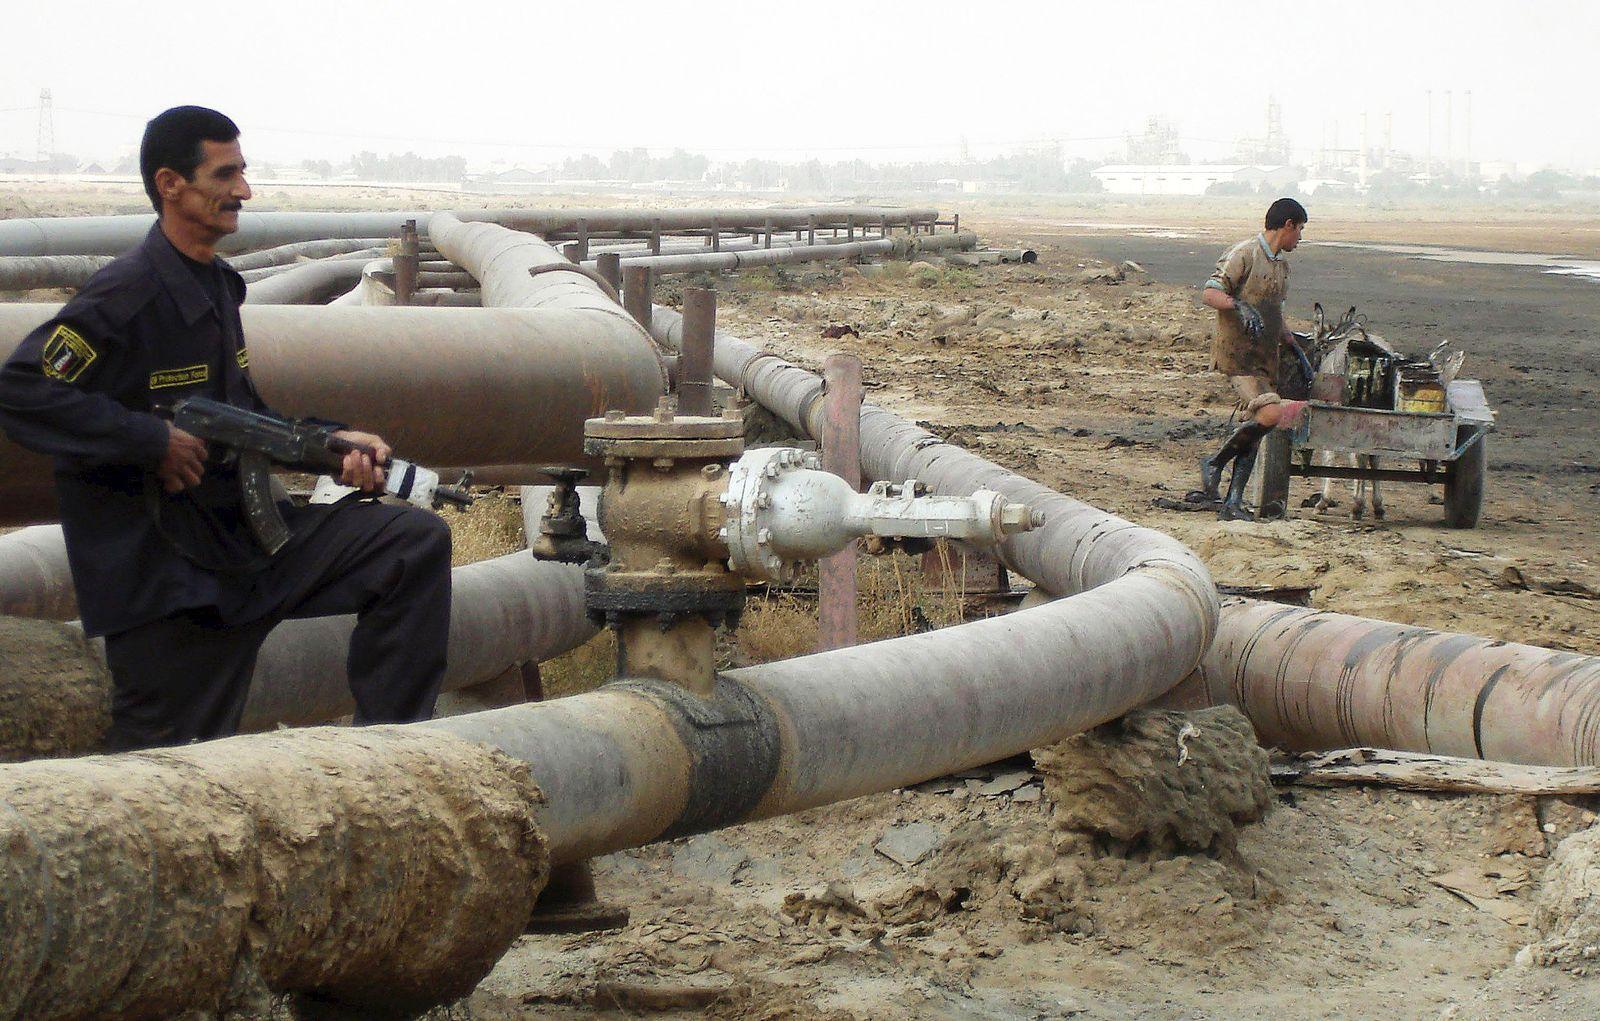 Ölpreis / Öl / Öl-Krise / Wache bei einer Pipeline bei Basra